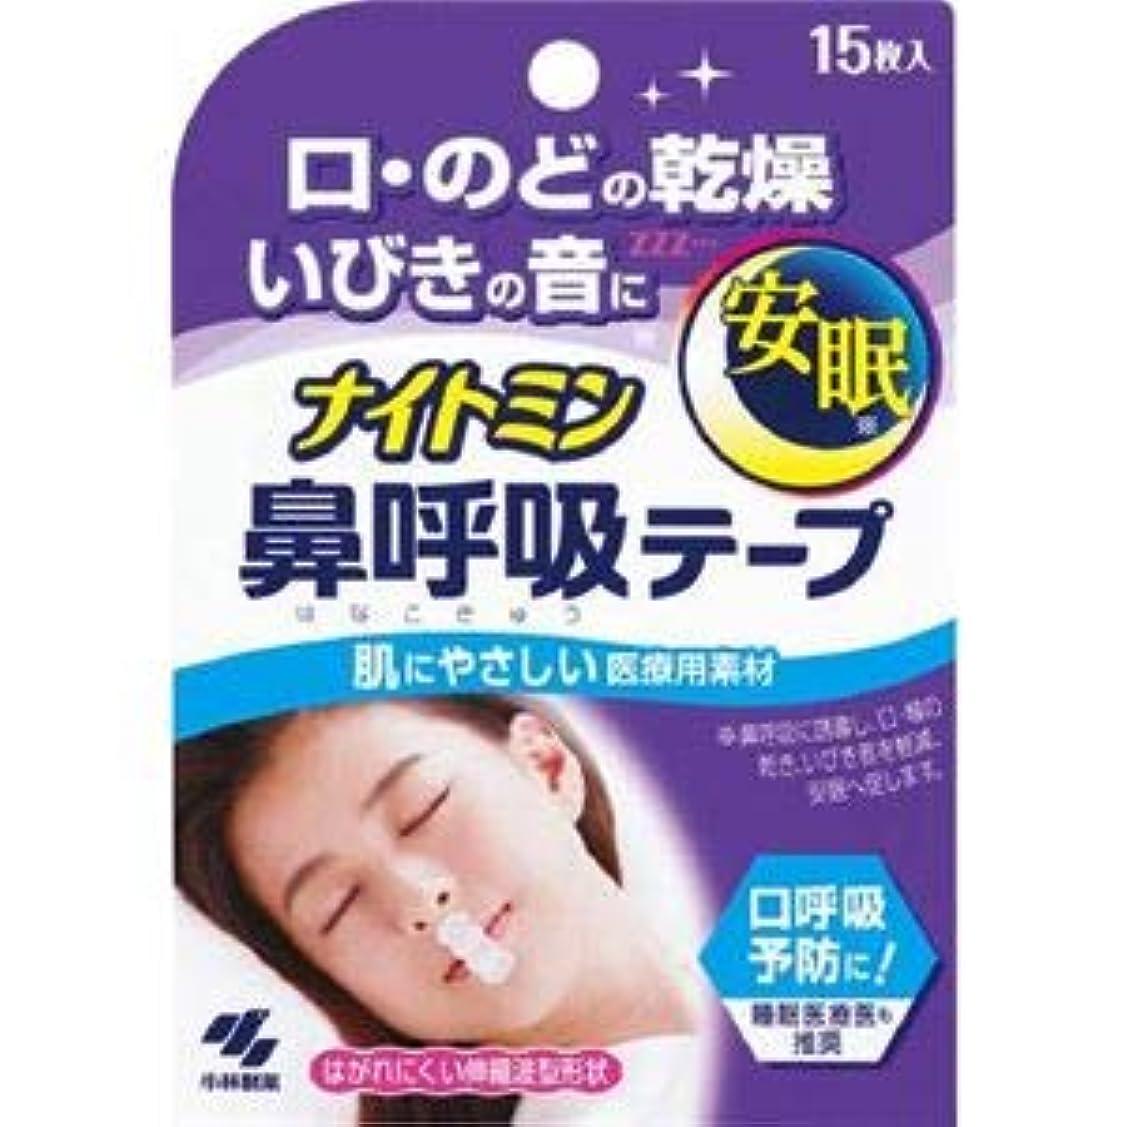 コンプリート悲しいことに仕様(まとめ)小林製薬 ナイトミン 鼻呼吸テープ 【×3点セット】